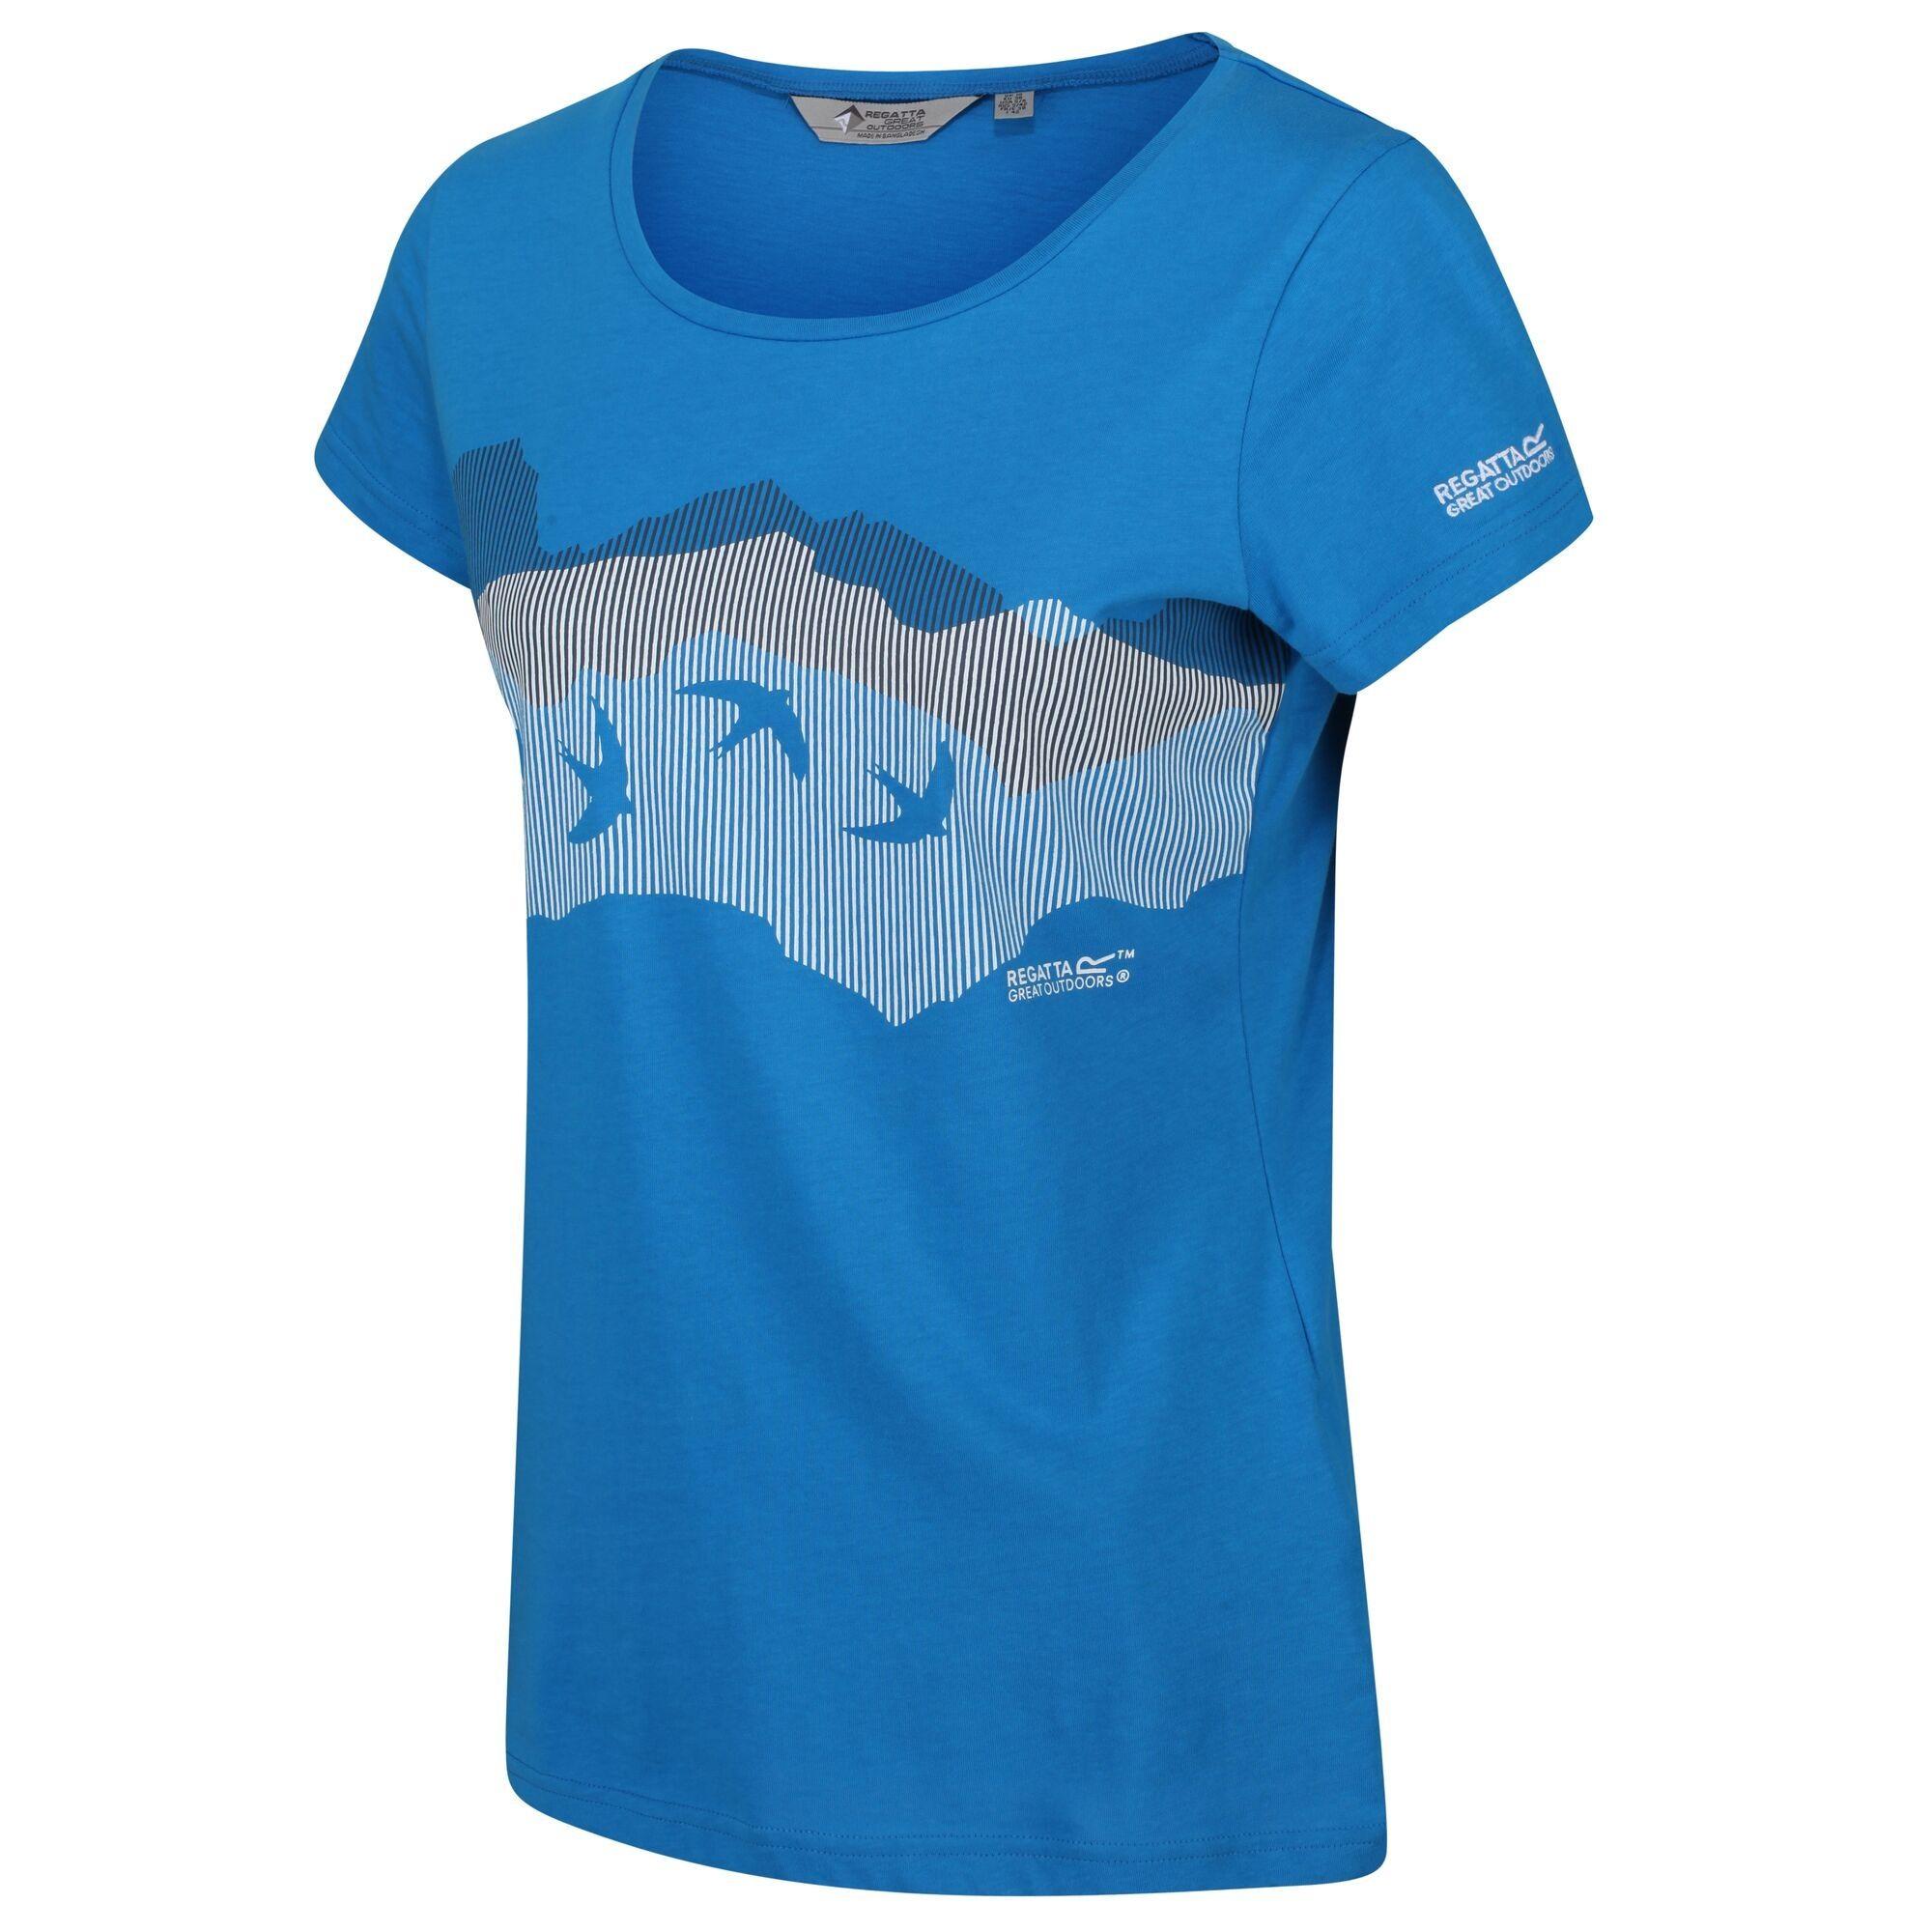 Regatta Womens/Ladies Breezed Graphic T-Shirt